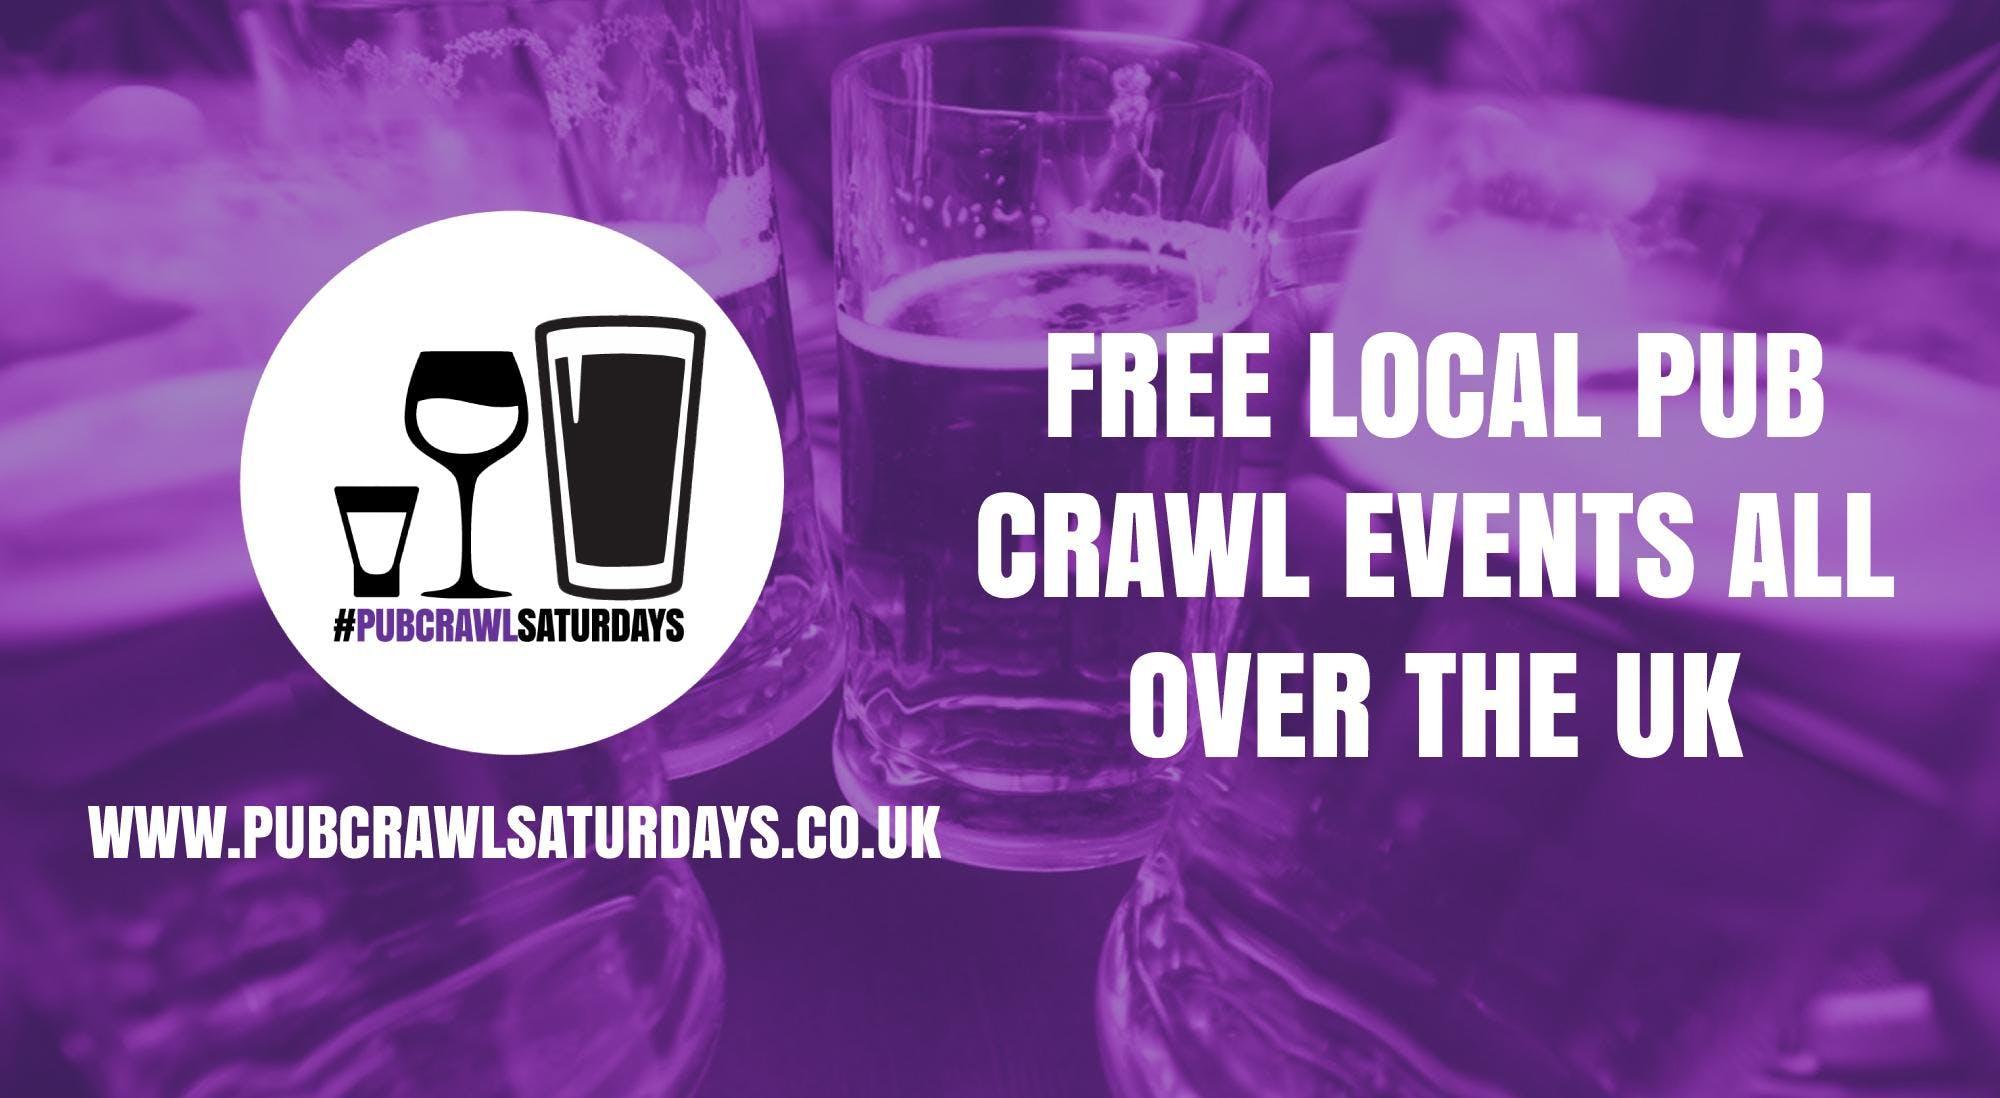 PUB CRAWL SATURDAYS! Free weekly pub crawl event in Stretford